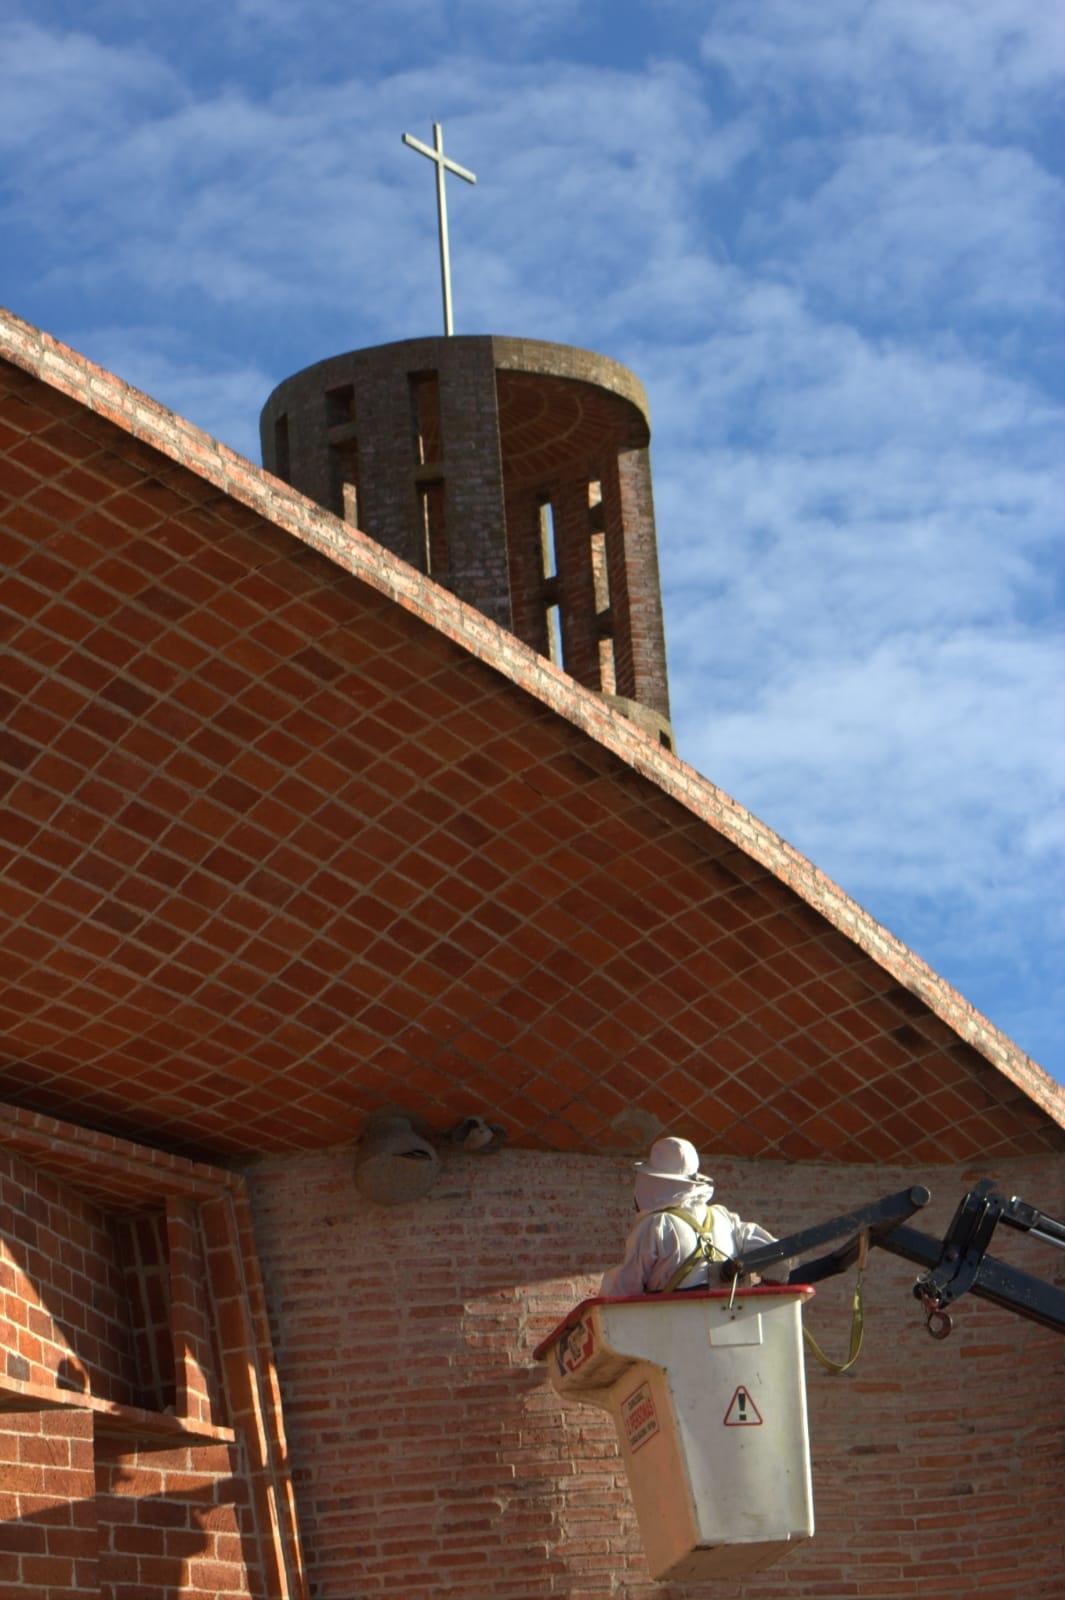 Siguen los trabajos en la IGLESIA CRISTO OBRERO de Estación Atlántida